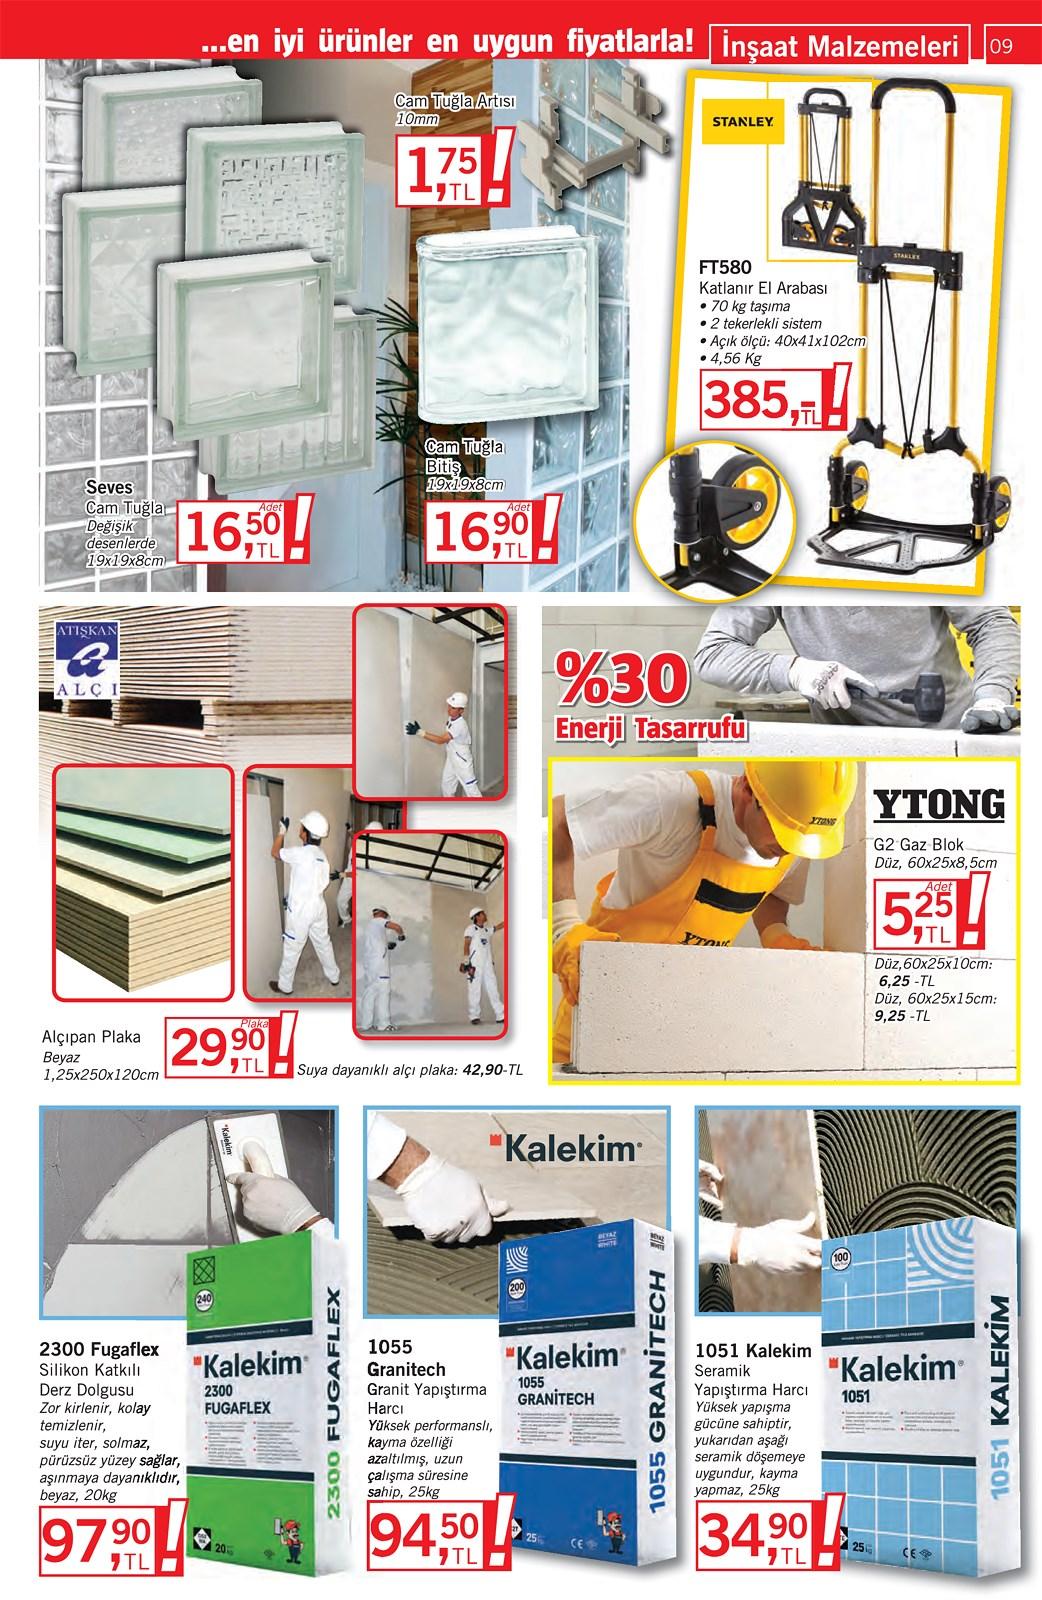 25.09.2021 Bauhaus broşürü 9. sayfa